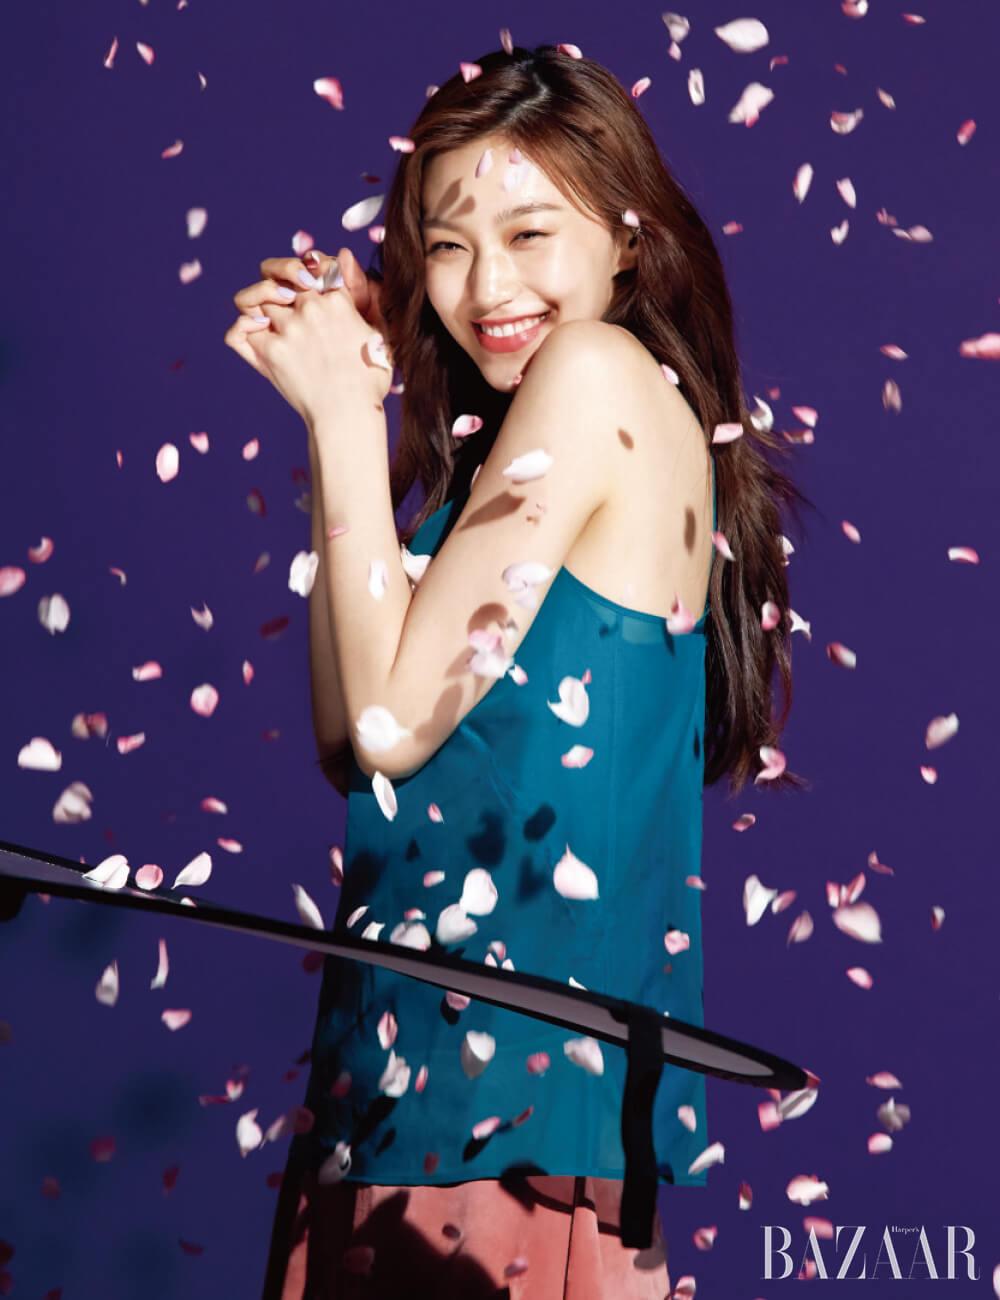 도연이 떨어지는 꽃잎 아래에서 환하게 웃고 있다.